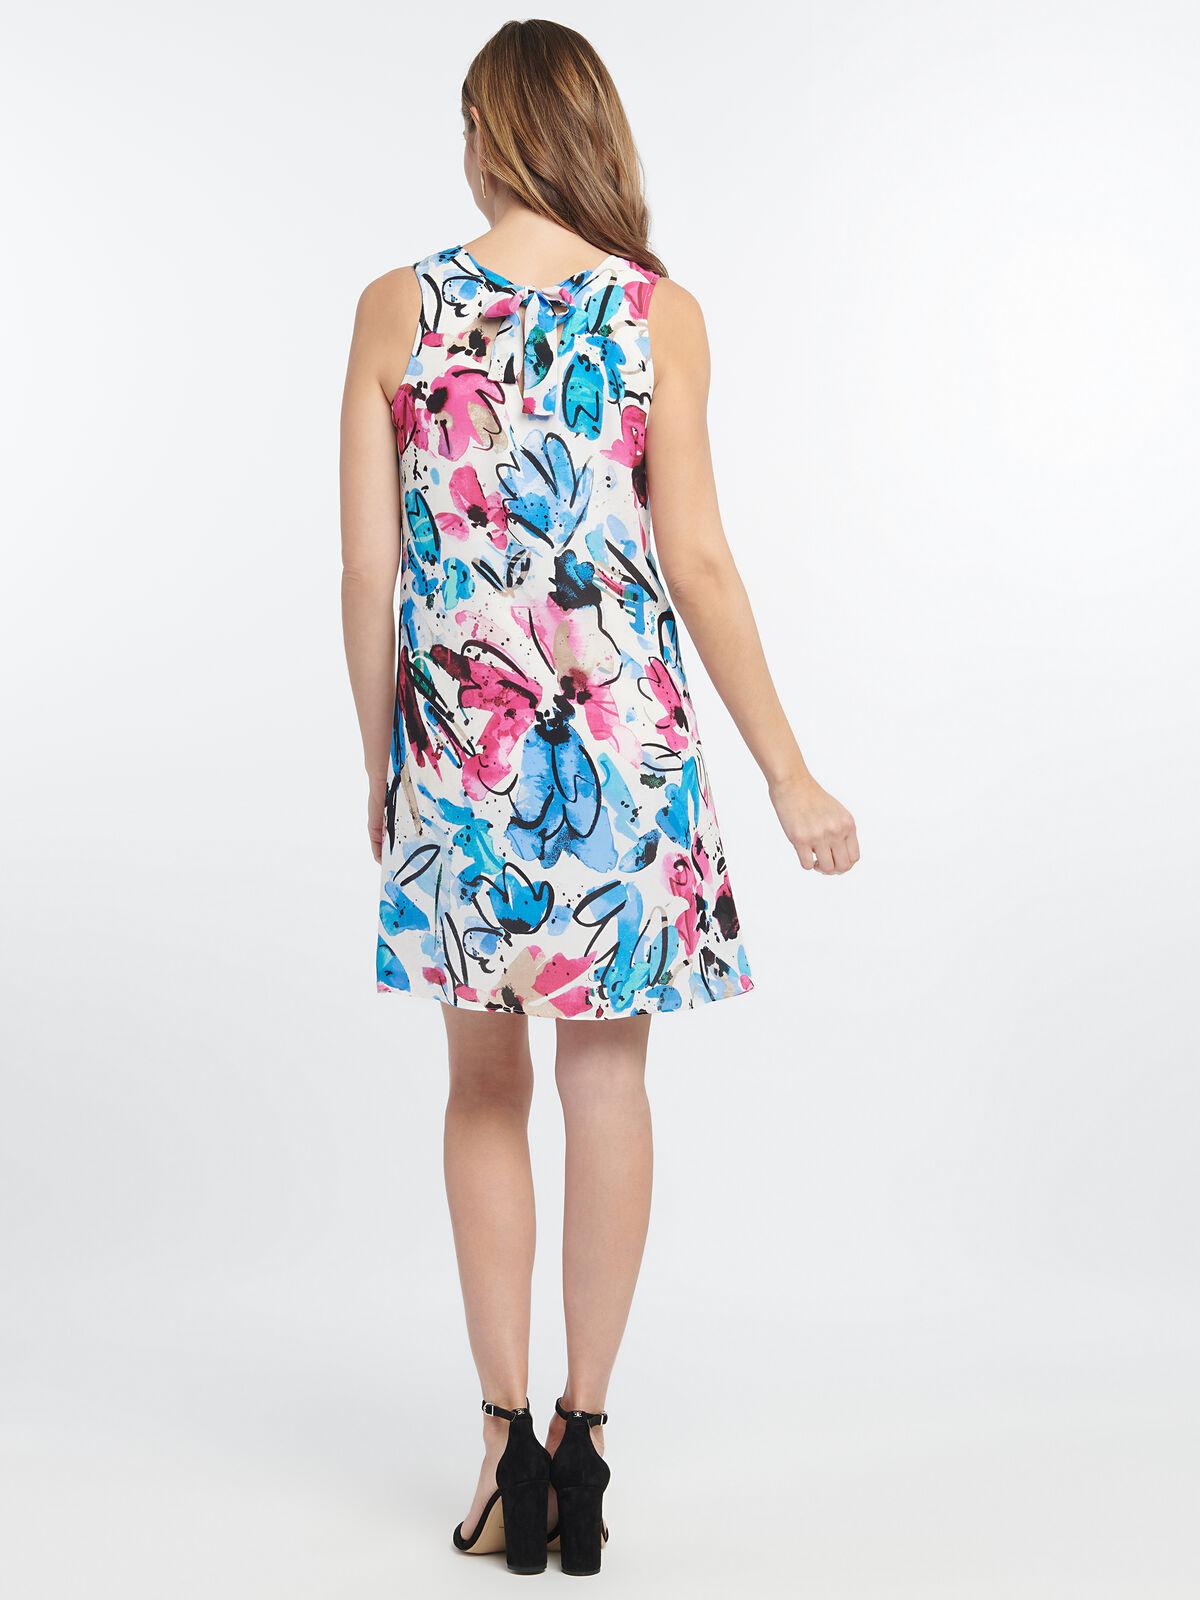 Vibrant Flora Dress